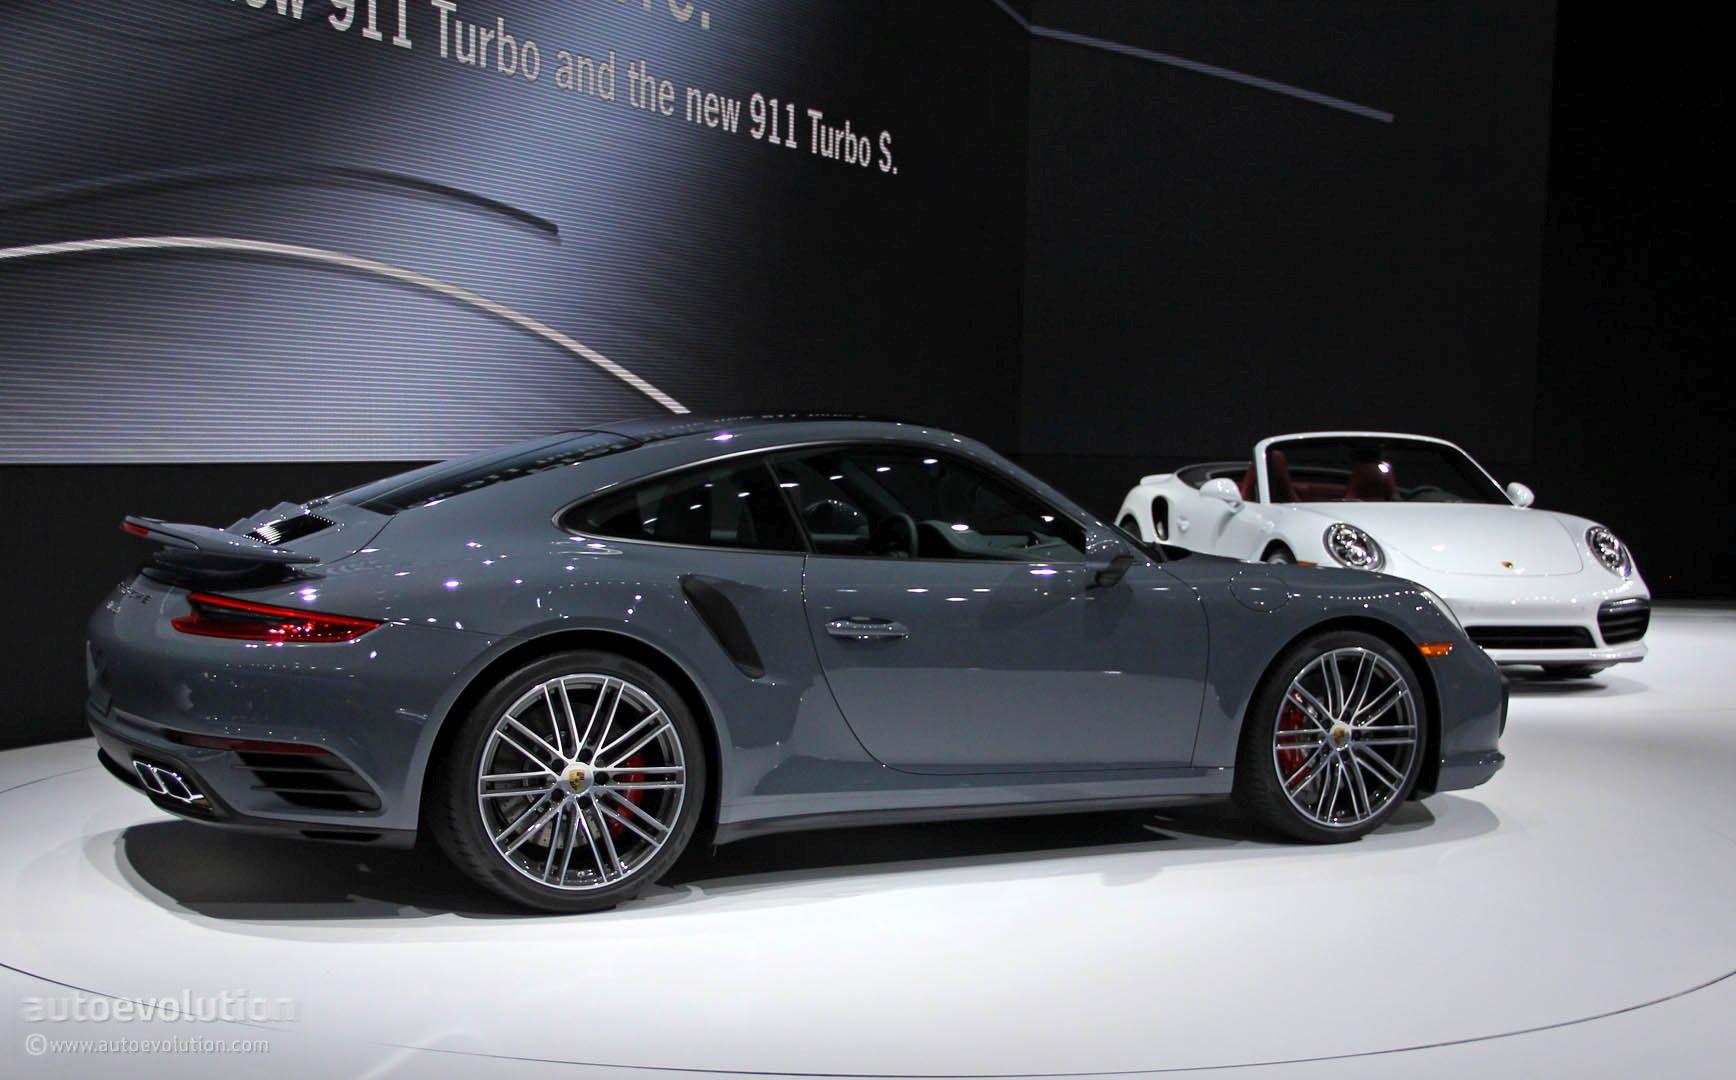 2017 Porsche 911 Turbo S Bring Their Anti Lag Tech Wizardry To Detroit